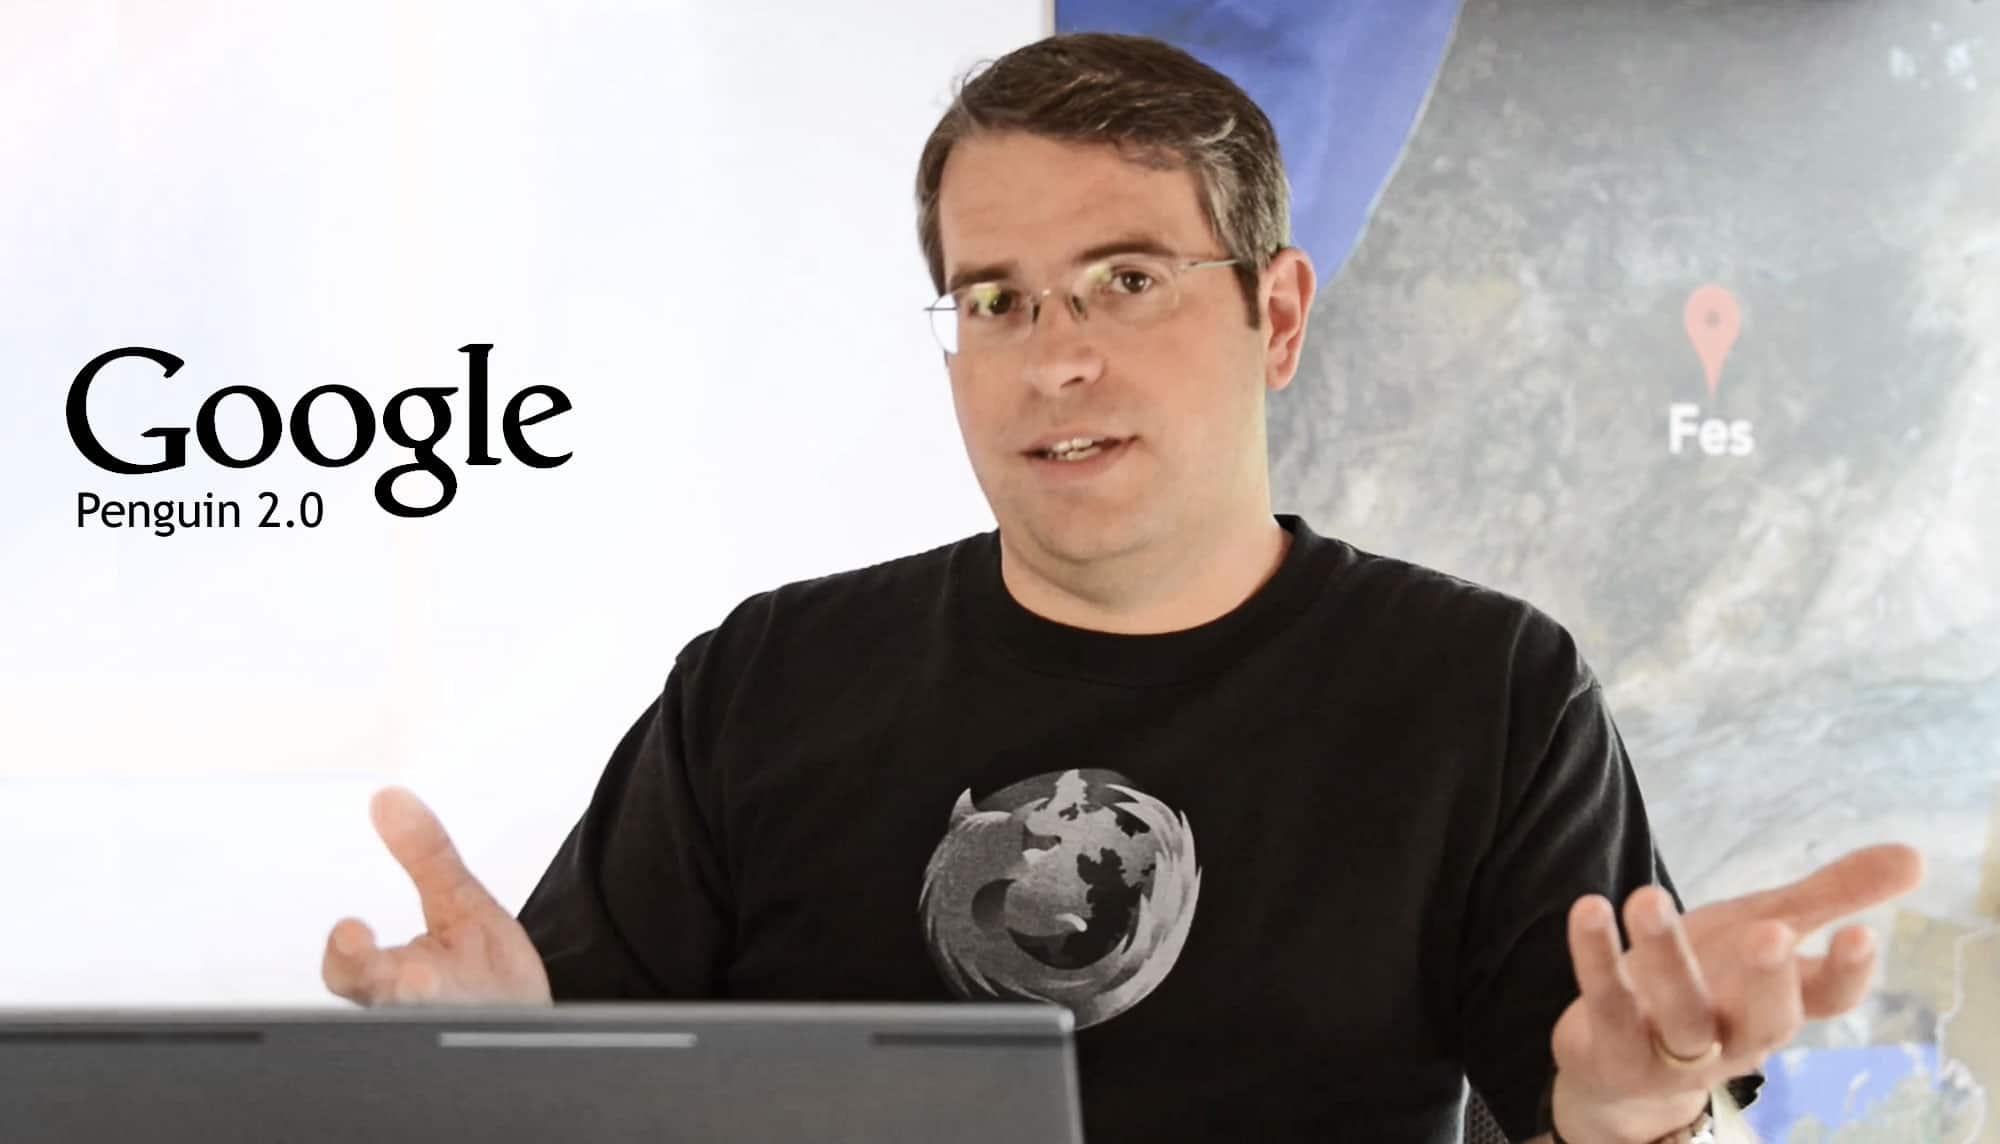 Matt Cutts explicó que al buscador de Google no le afectaba el hecho de que exista una gran cantidad de contenidos duplicados en Internet